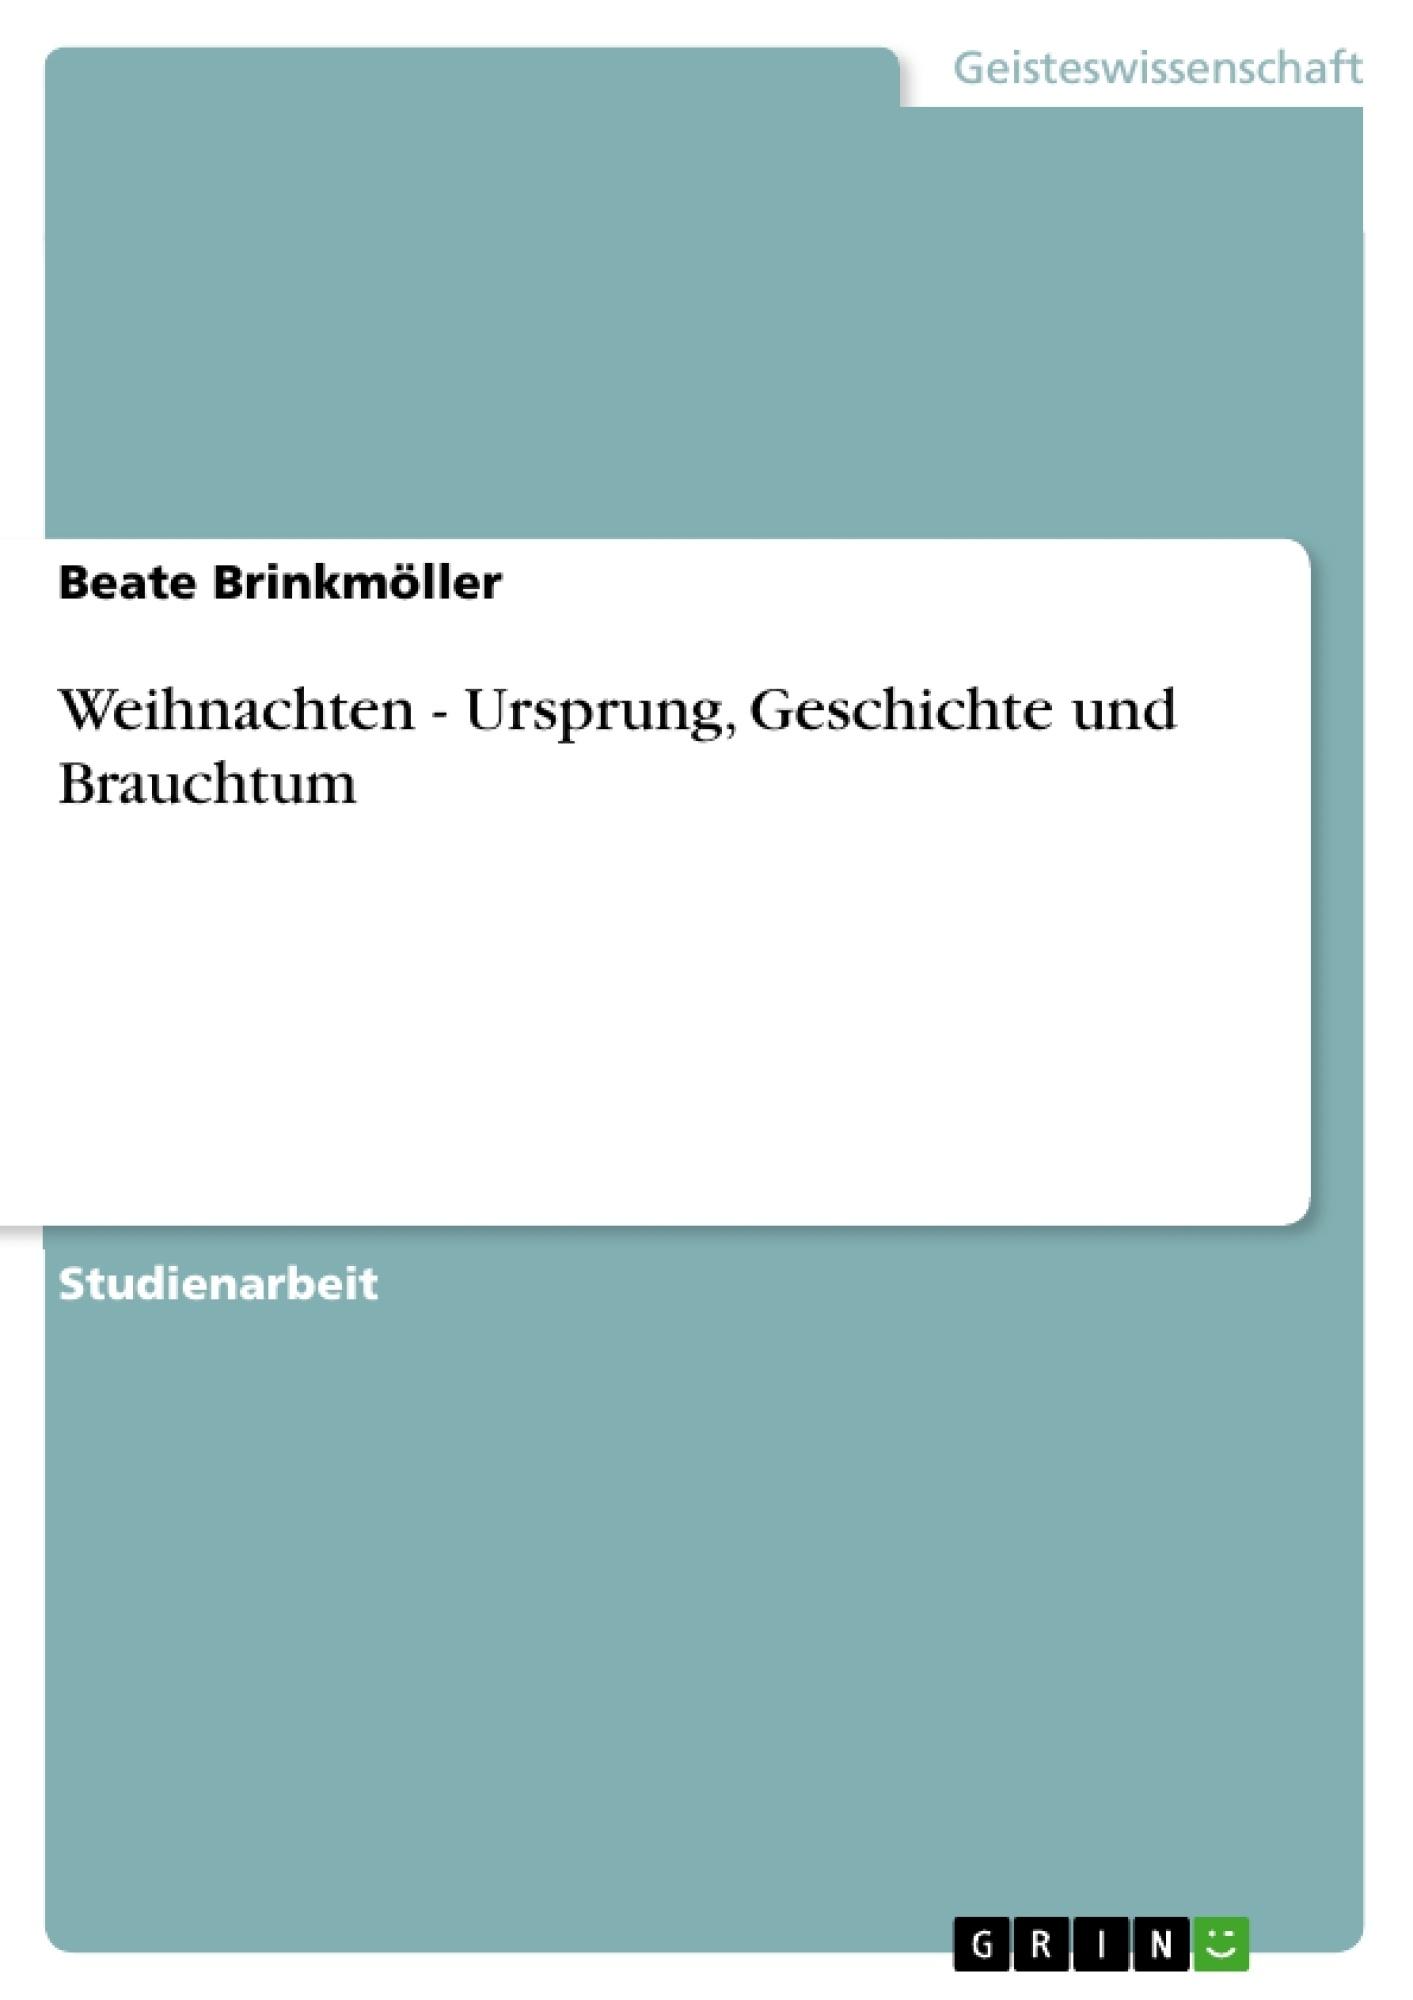 Weihnachten - Ursprung, Geschichte und Brauchtum   Masterarbeit ...